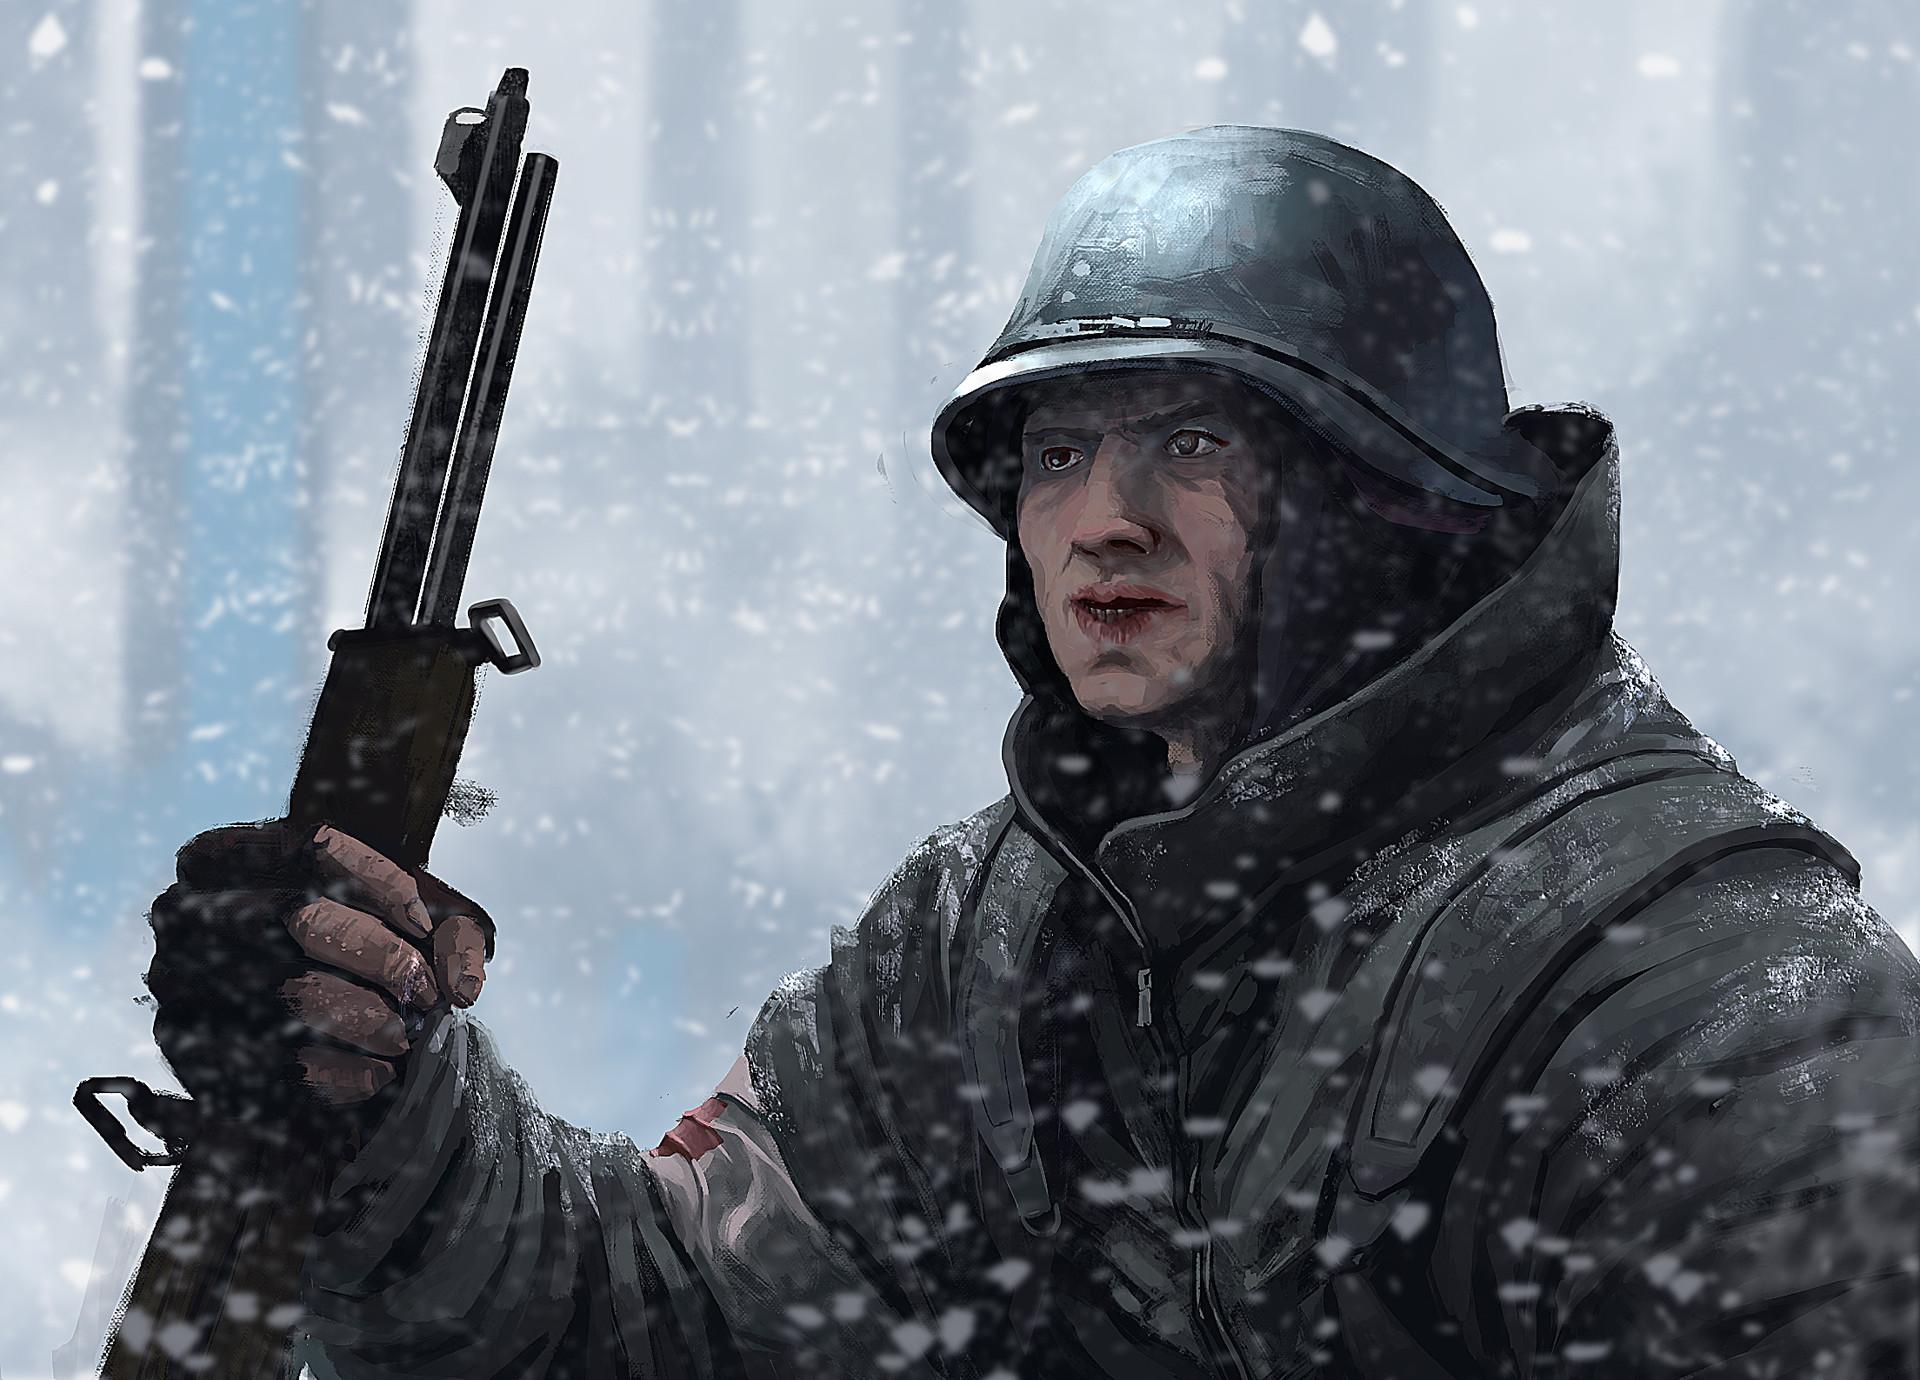 Nicolas chacin soldier final